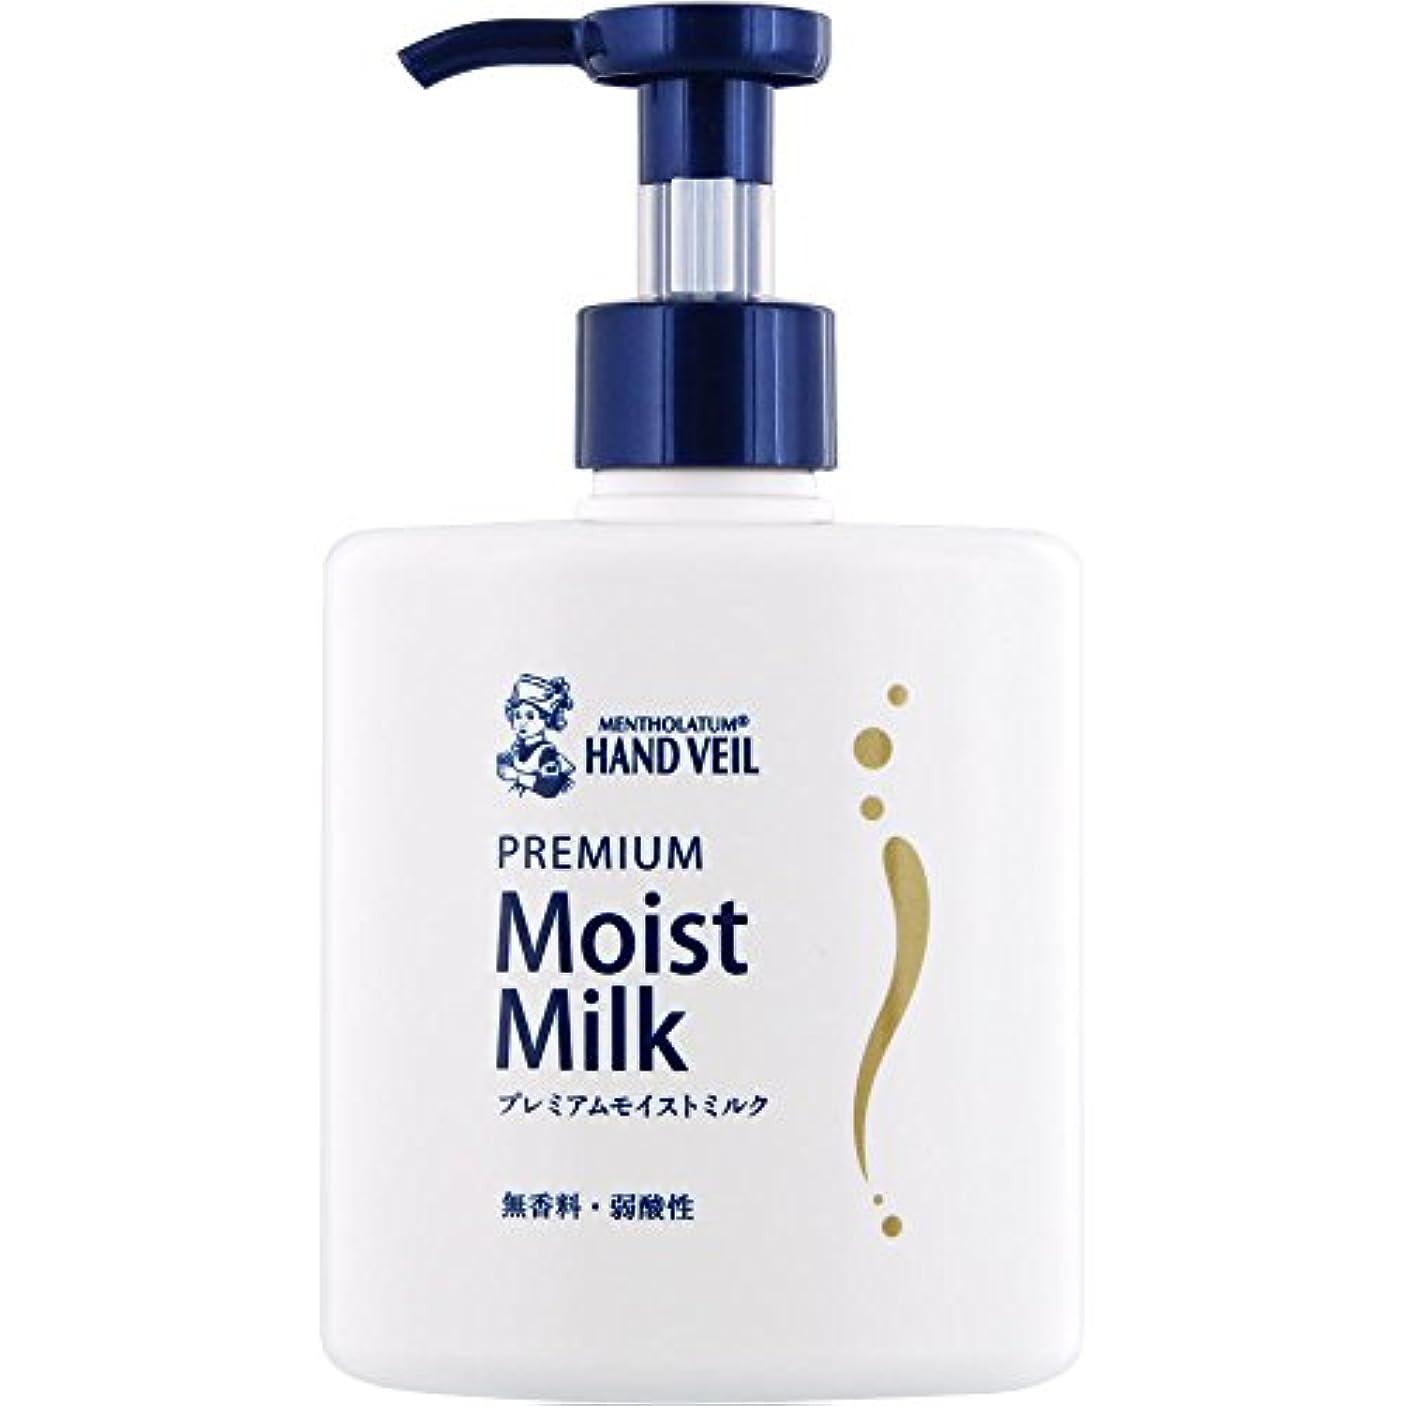 運命的な恩恵精通したメンソレータム ハンドベール 高密着バリア処方 プレミアムモイストミルク 200mL